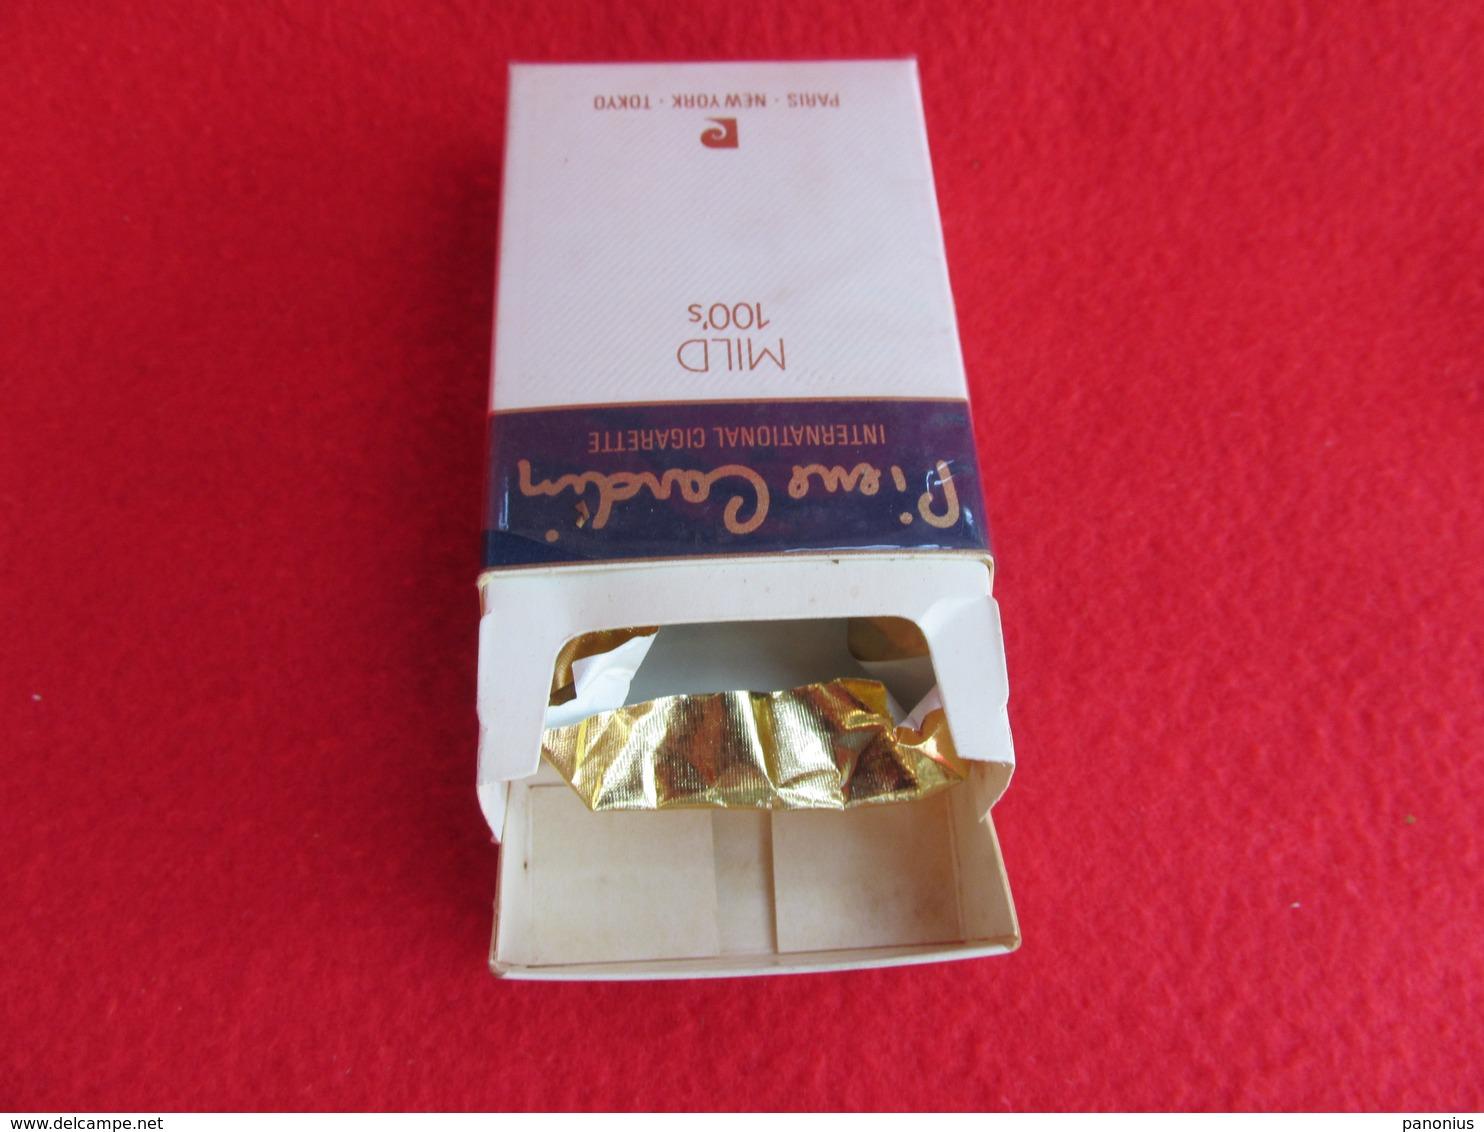 TOBACCO CIGARETTES CARDBOARD BOX PIERRE CARDIN  EMPTY - Boites à Tabac Vides